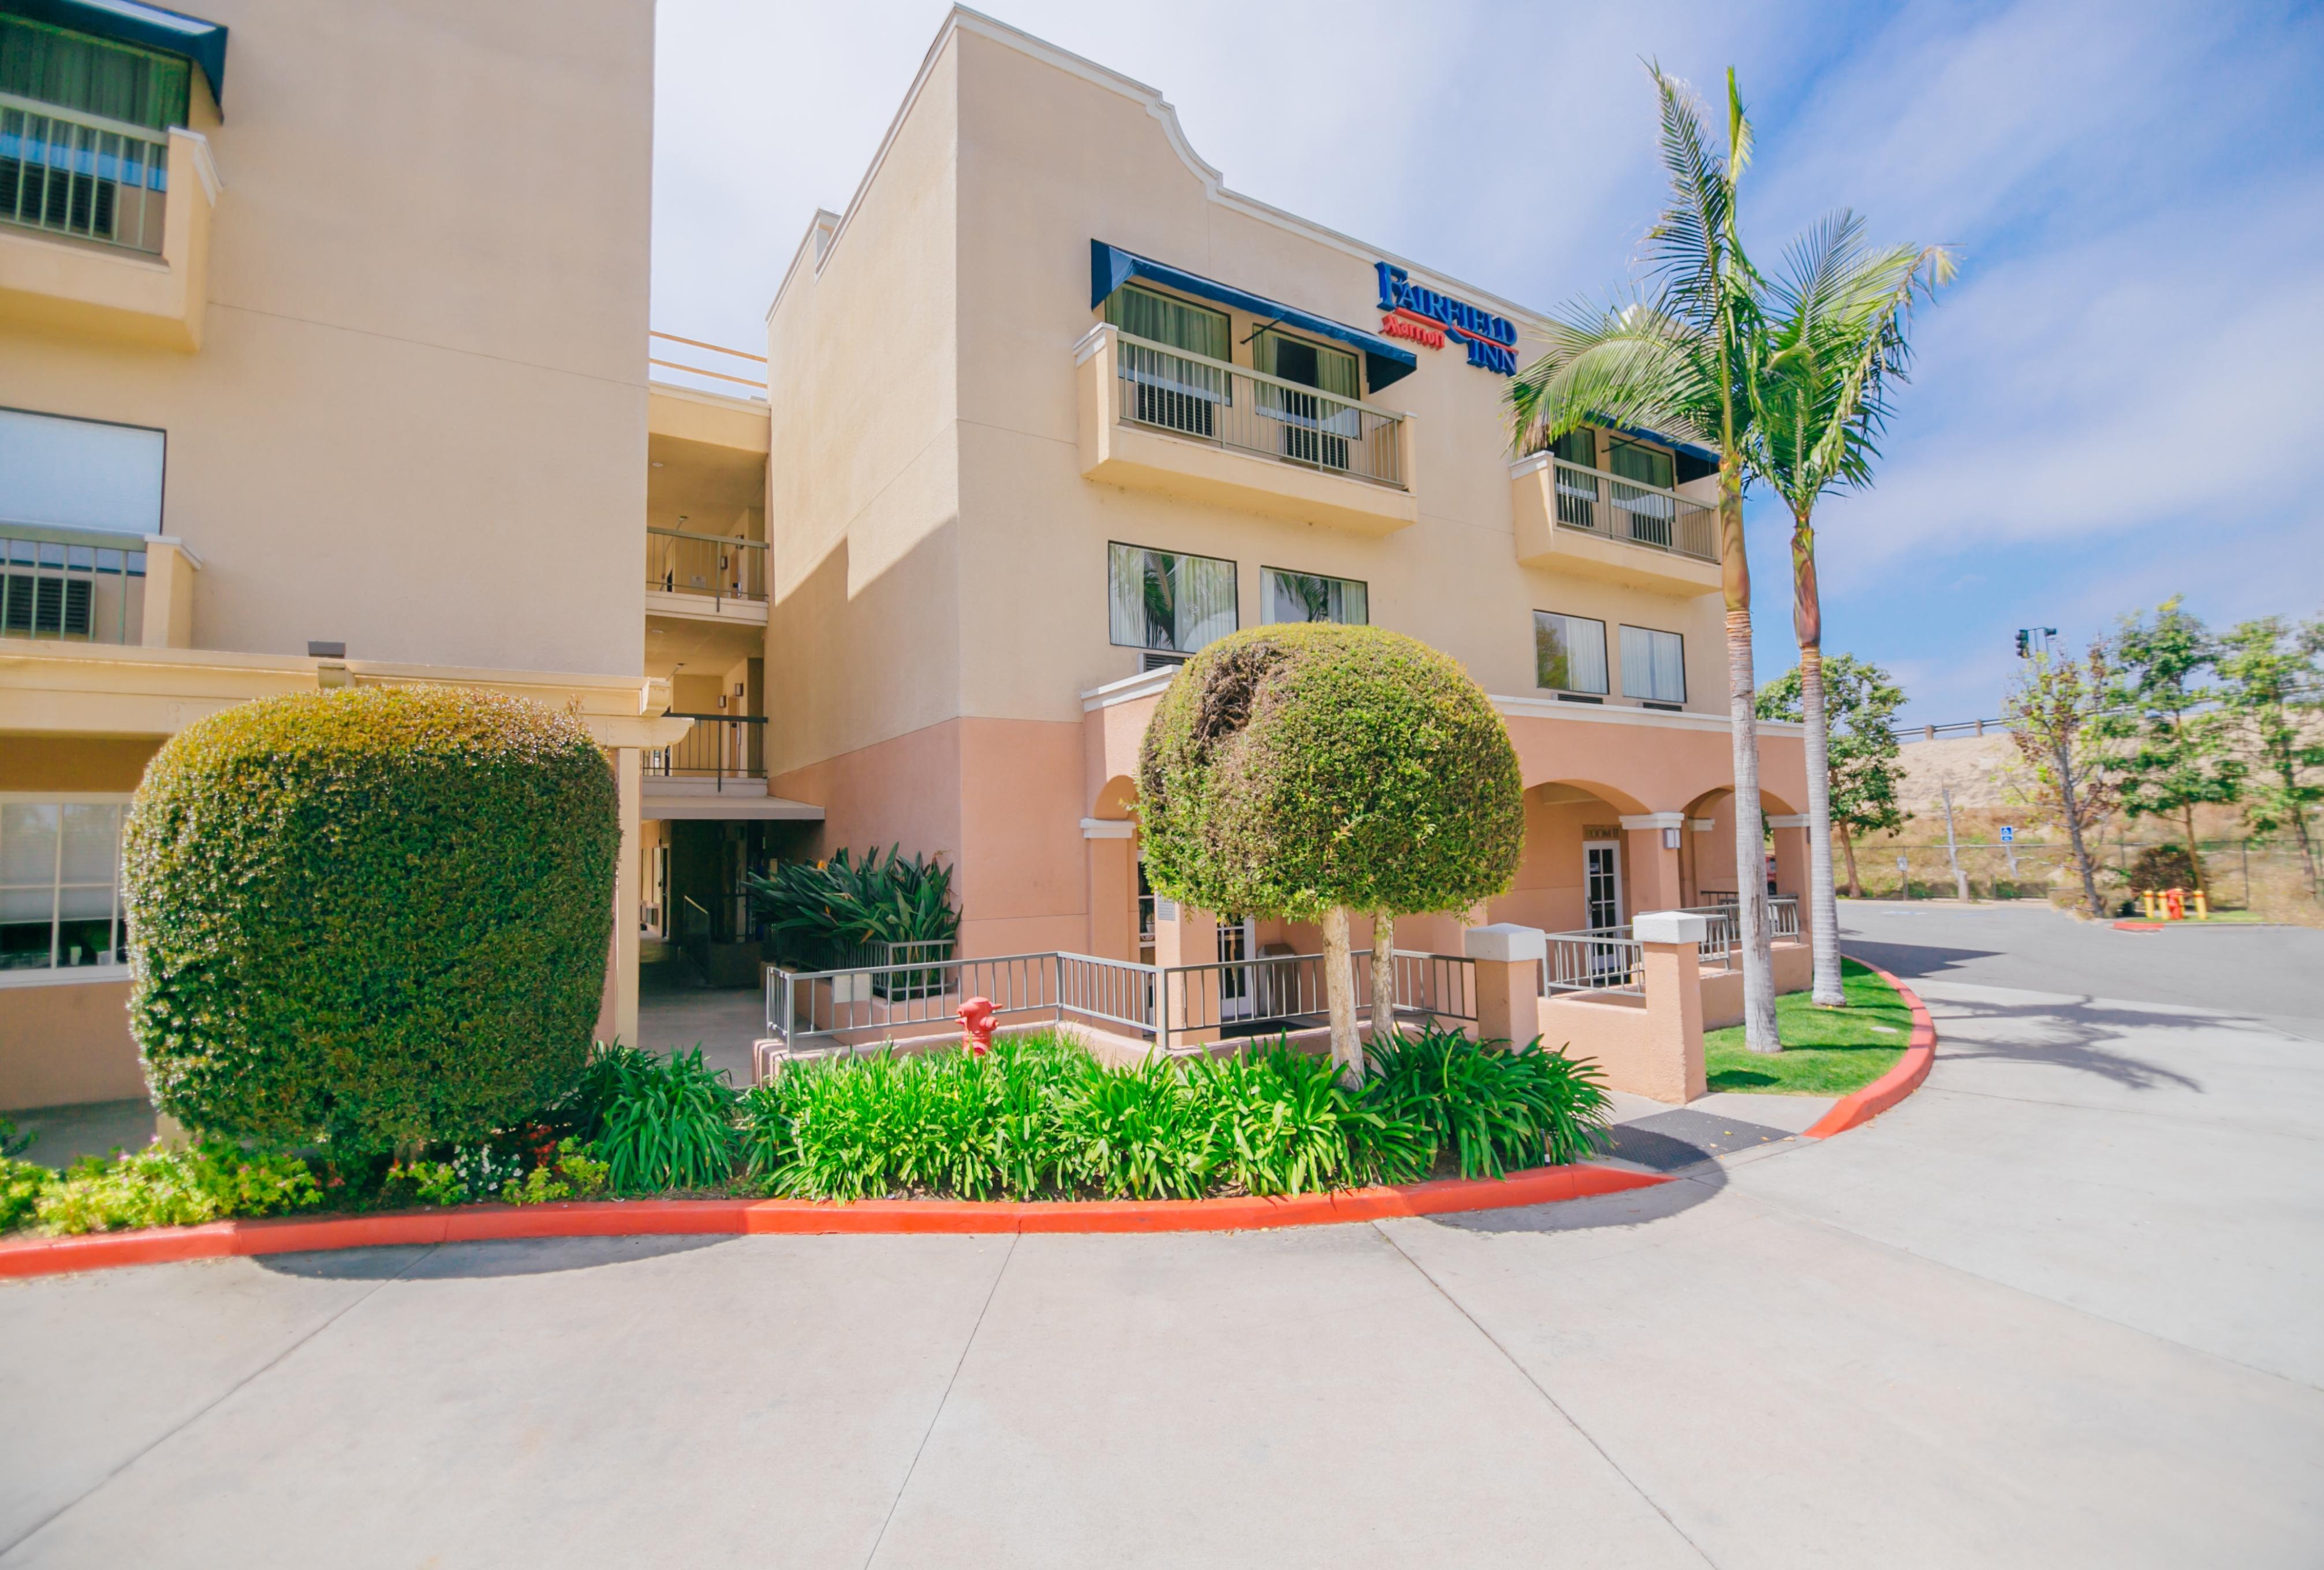 Fairfield Inn by Marriott Anaheim Hills Orange County image 14